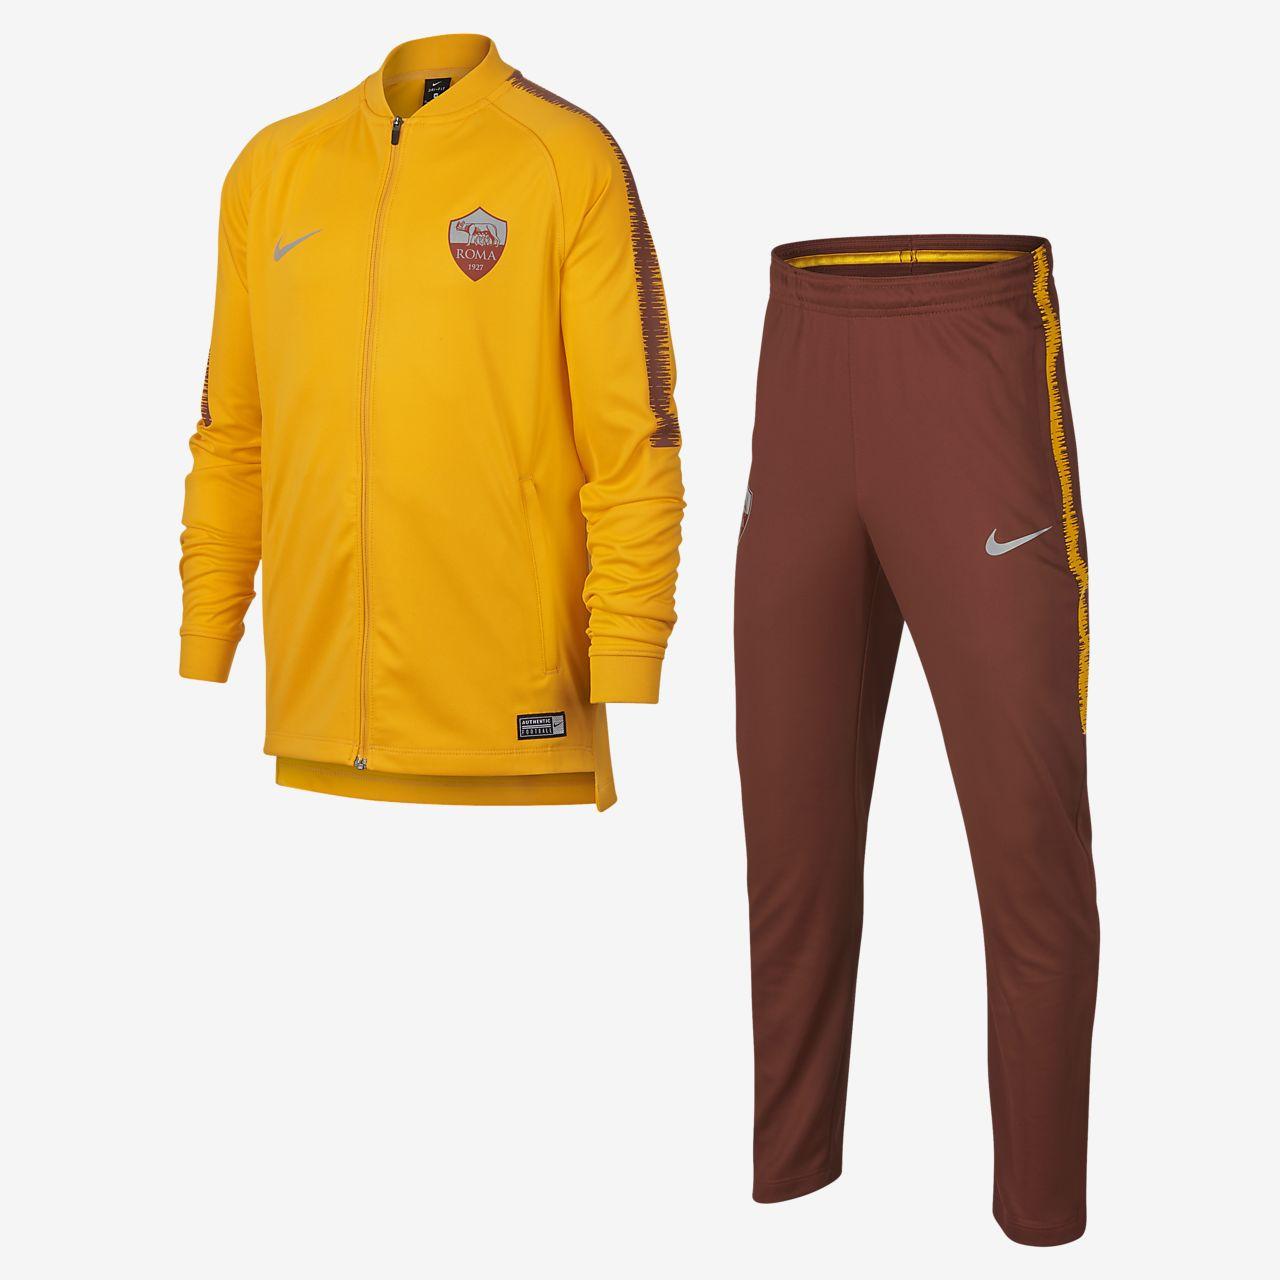 40dc9afad2 Tuta da calcio A.S. Roma Dri-FIT Squad - Ragazzi. Nike.com IT